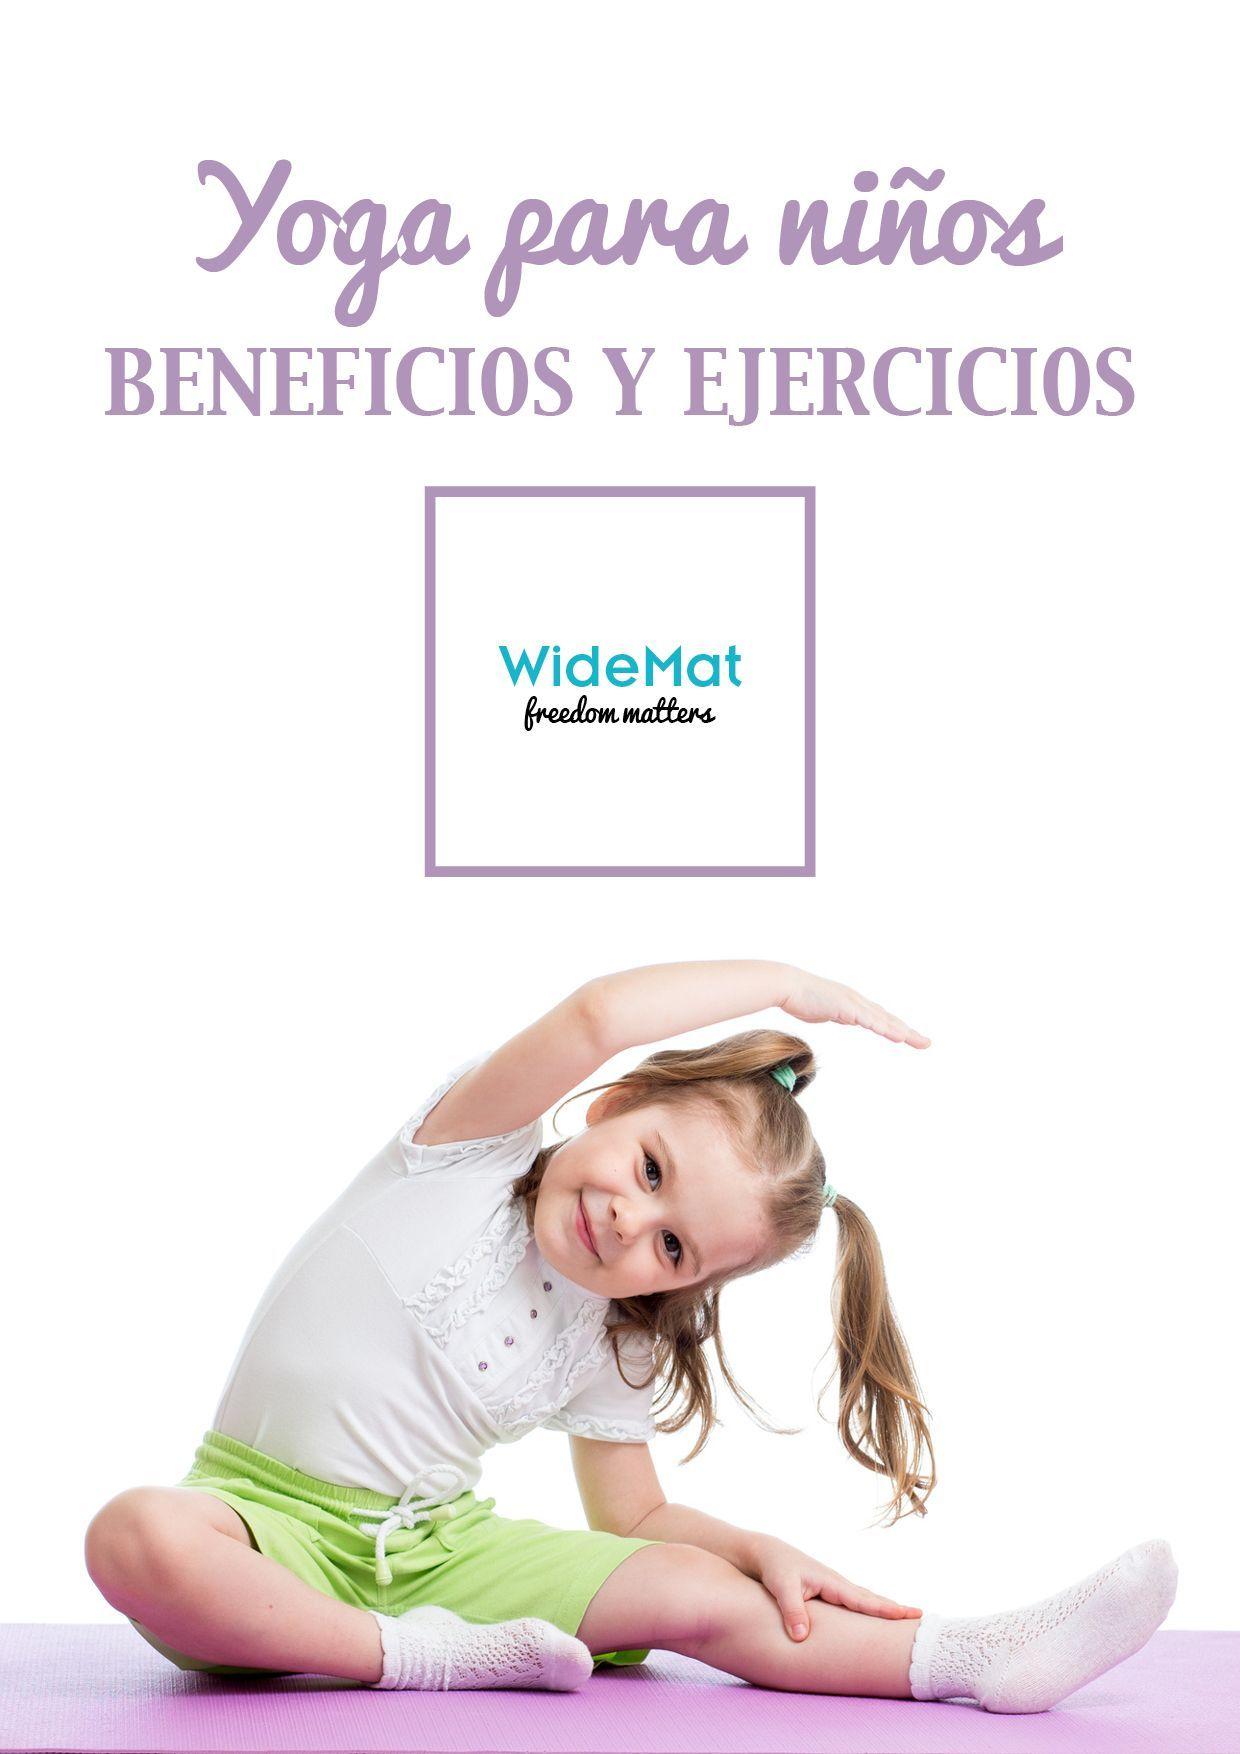 Yoga Para Niños Beneficios Y Ejercicios En Pdf Yoga Para Niños Chico Yoga Posturas De Yoga Para Niños